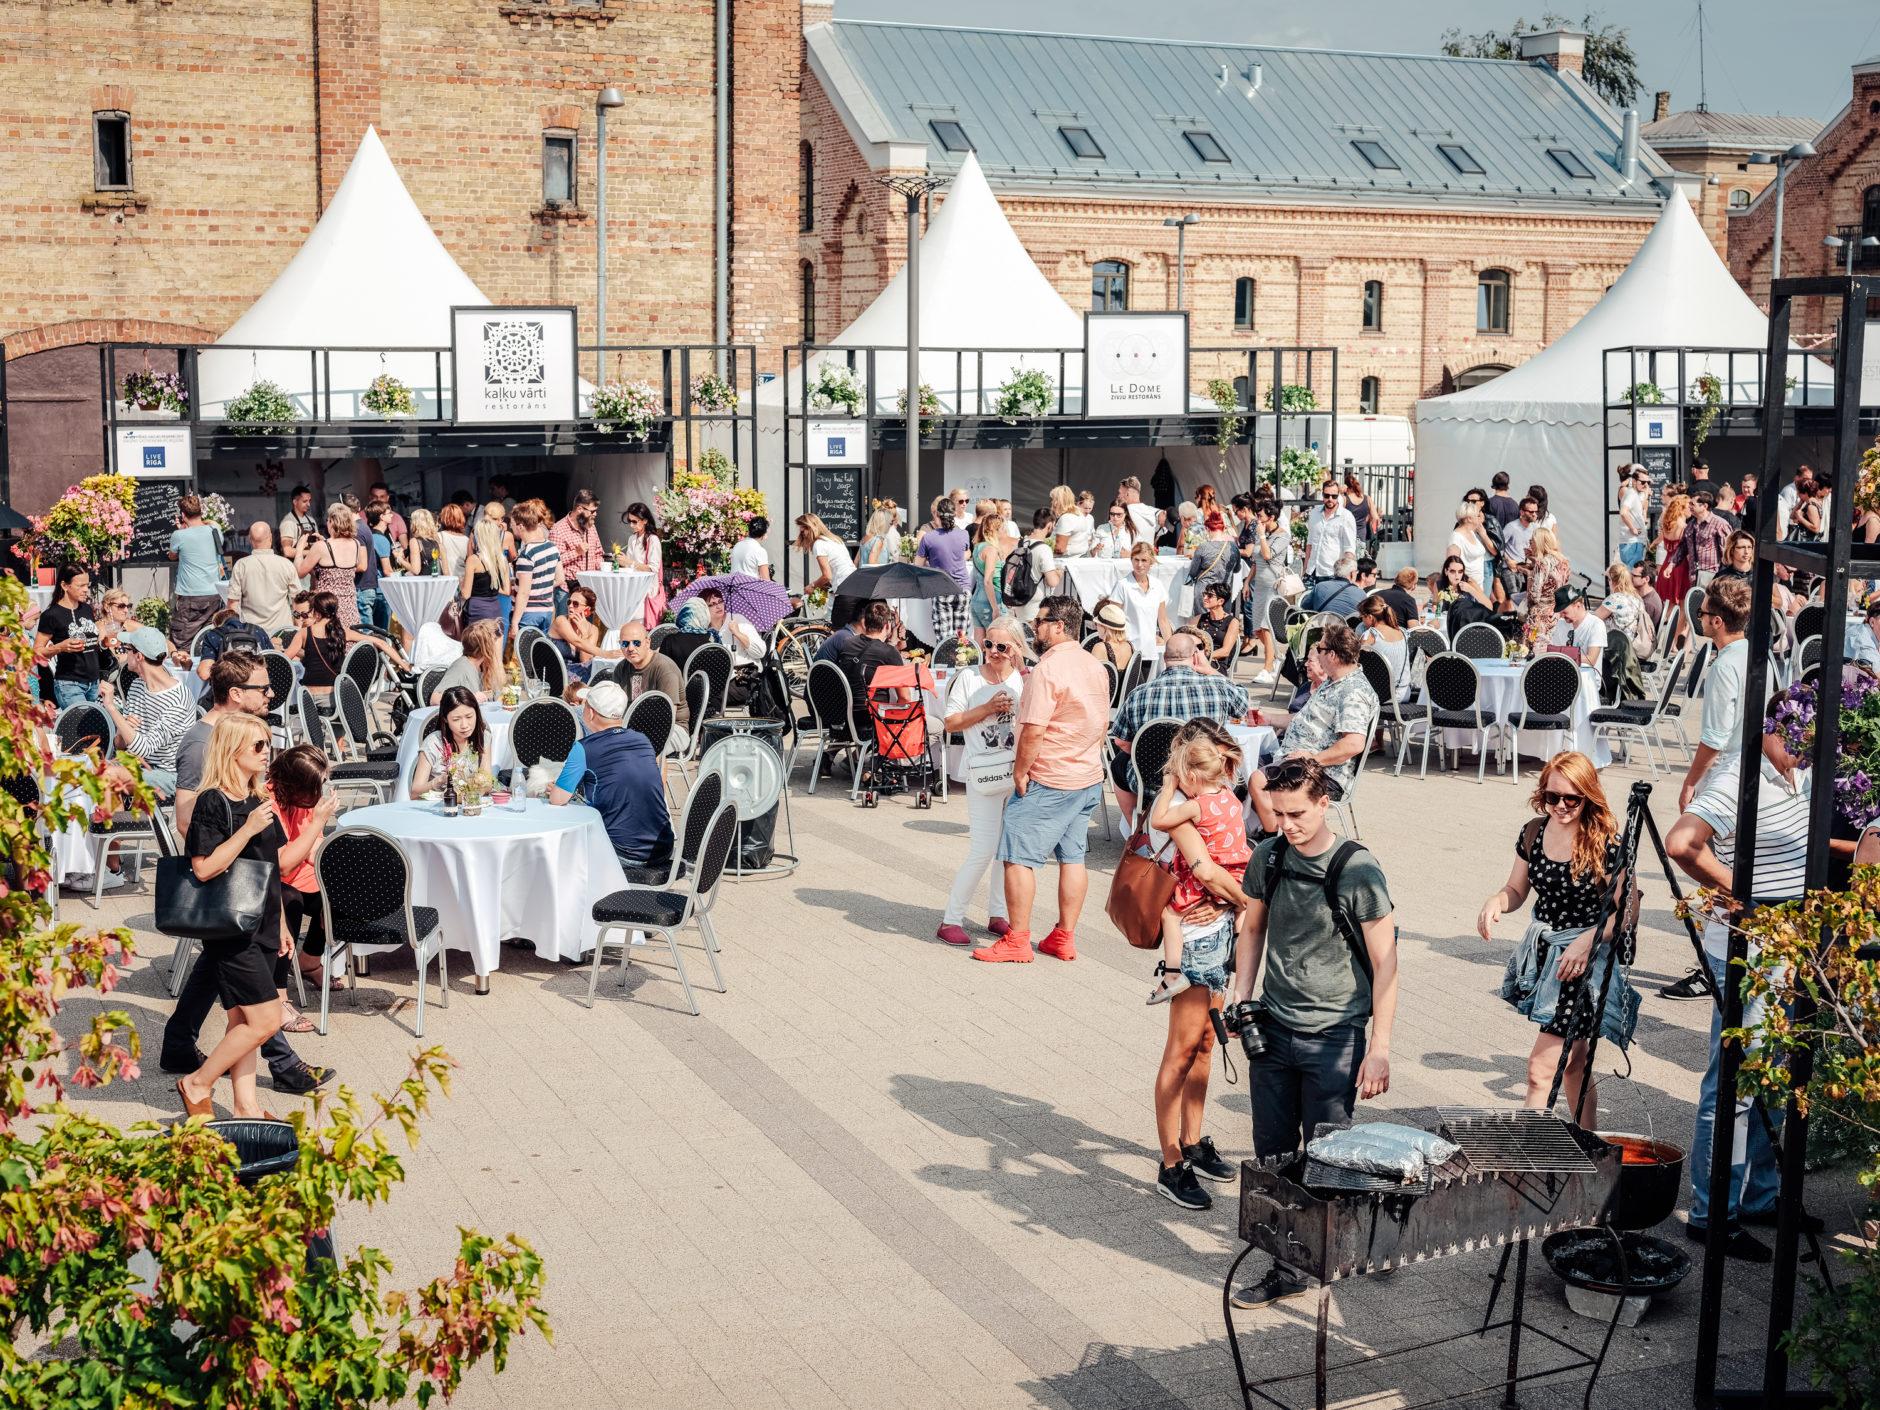 Riga Restaurant Festival 2017. © Karlis Dambrans.